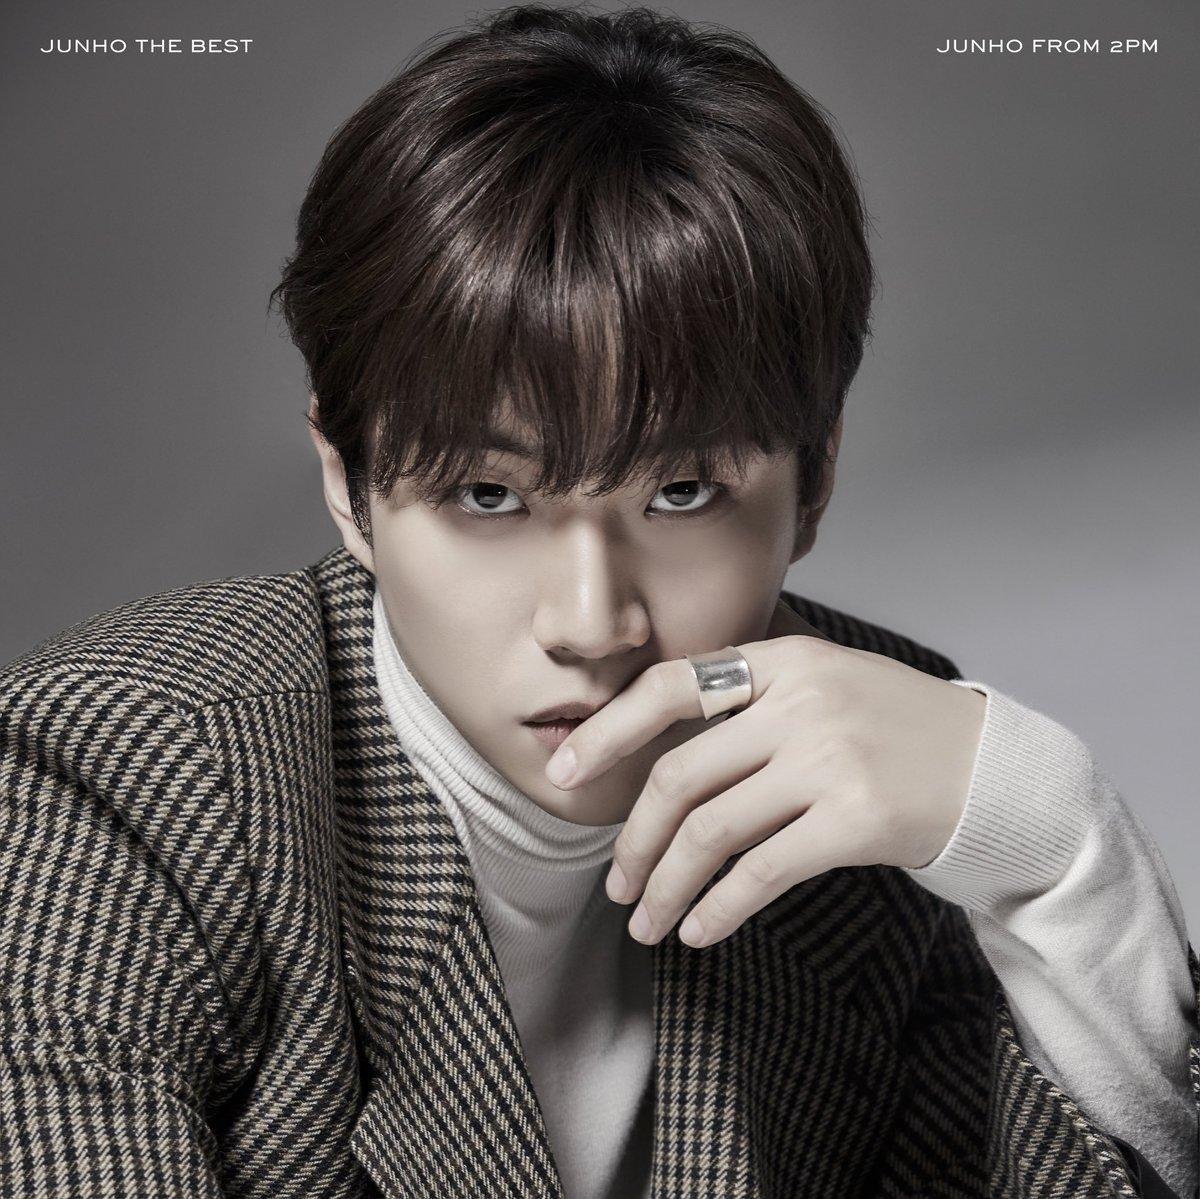 JUNHO (From 2PM) Japan Solo Best Album <JUNHO THE BEST>  Release Date : 2018. 12. 5      _https://t.co/L4kSdlCnNATH#2PME#JUNHO_#준호B#JUNHO_THE_BESTEST